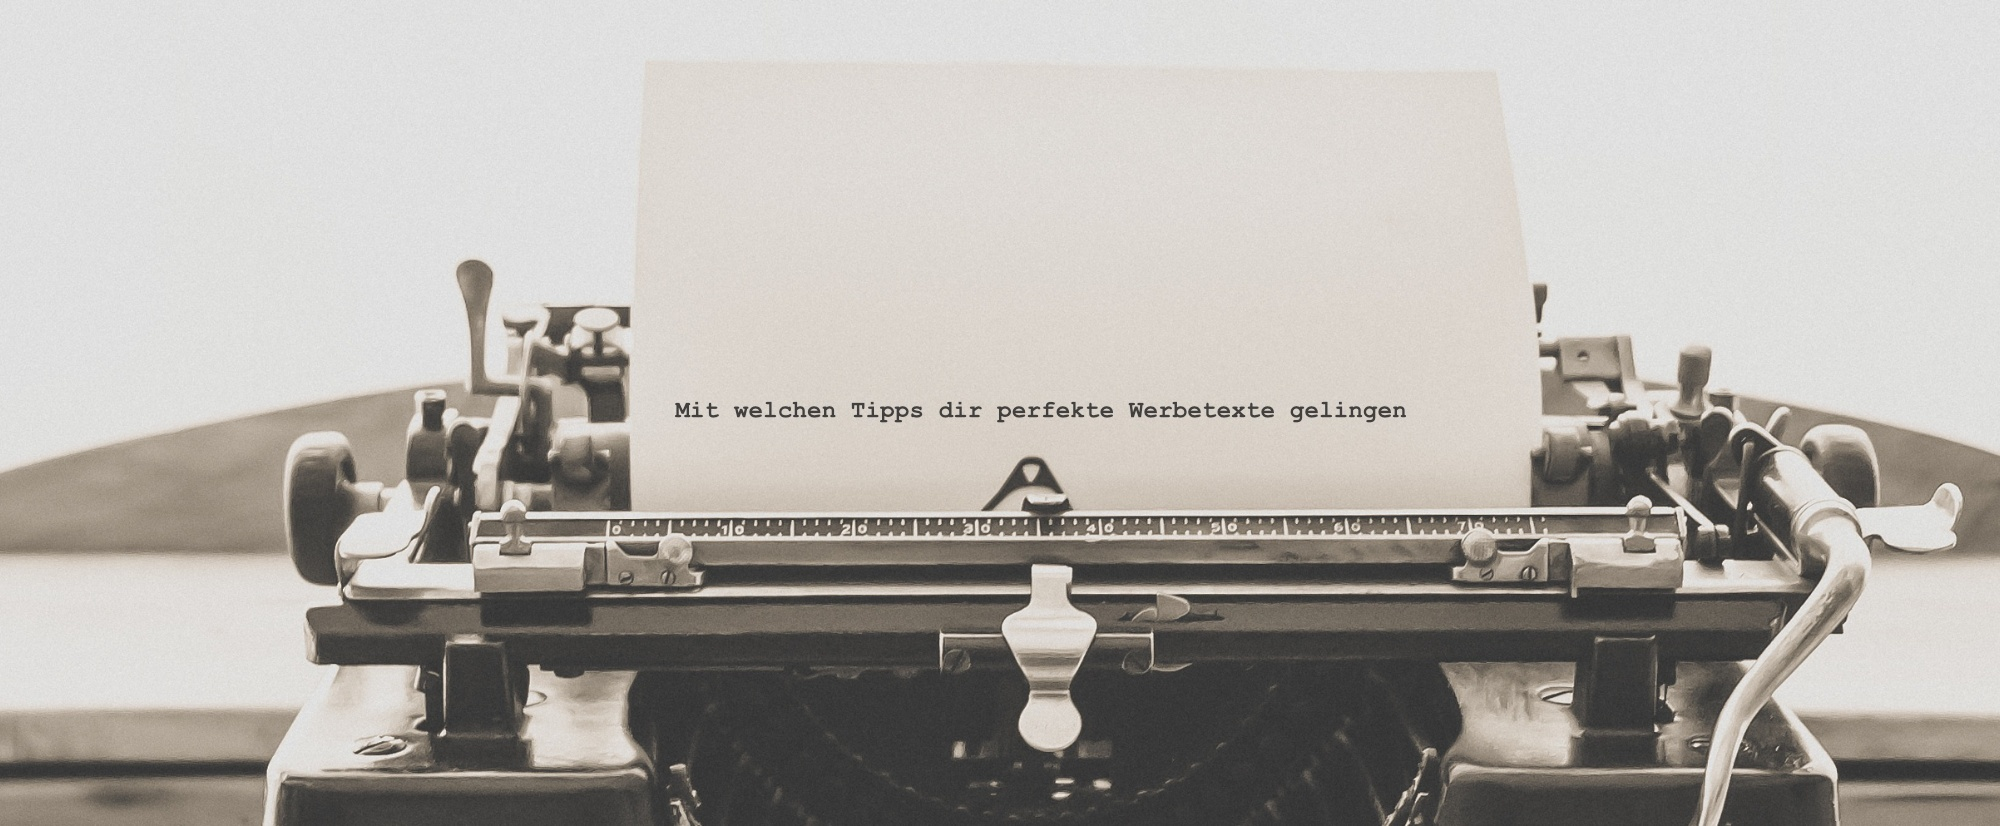 Schreibmaschine die ein Blatt Papier mit geschriebenem Text enthält